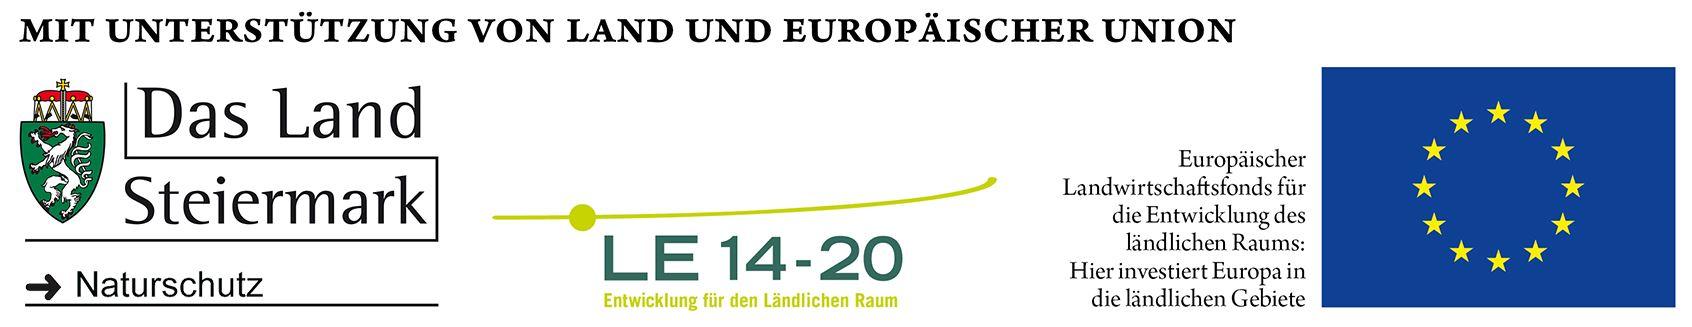 Mit Unterstützung von Lanf und Europäischer Union